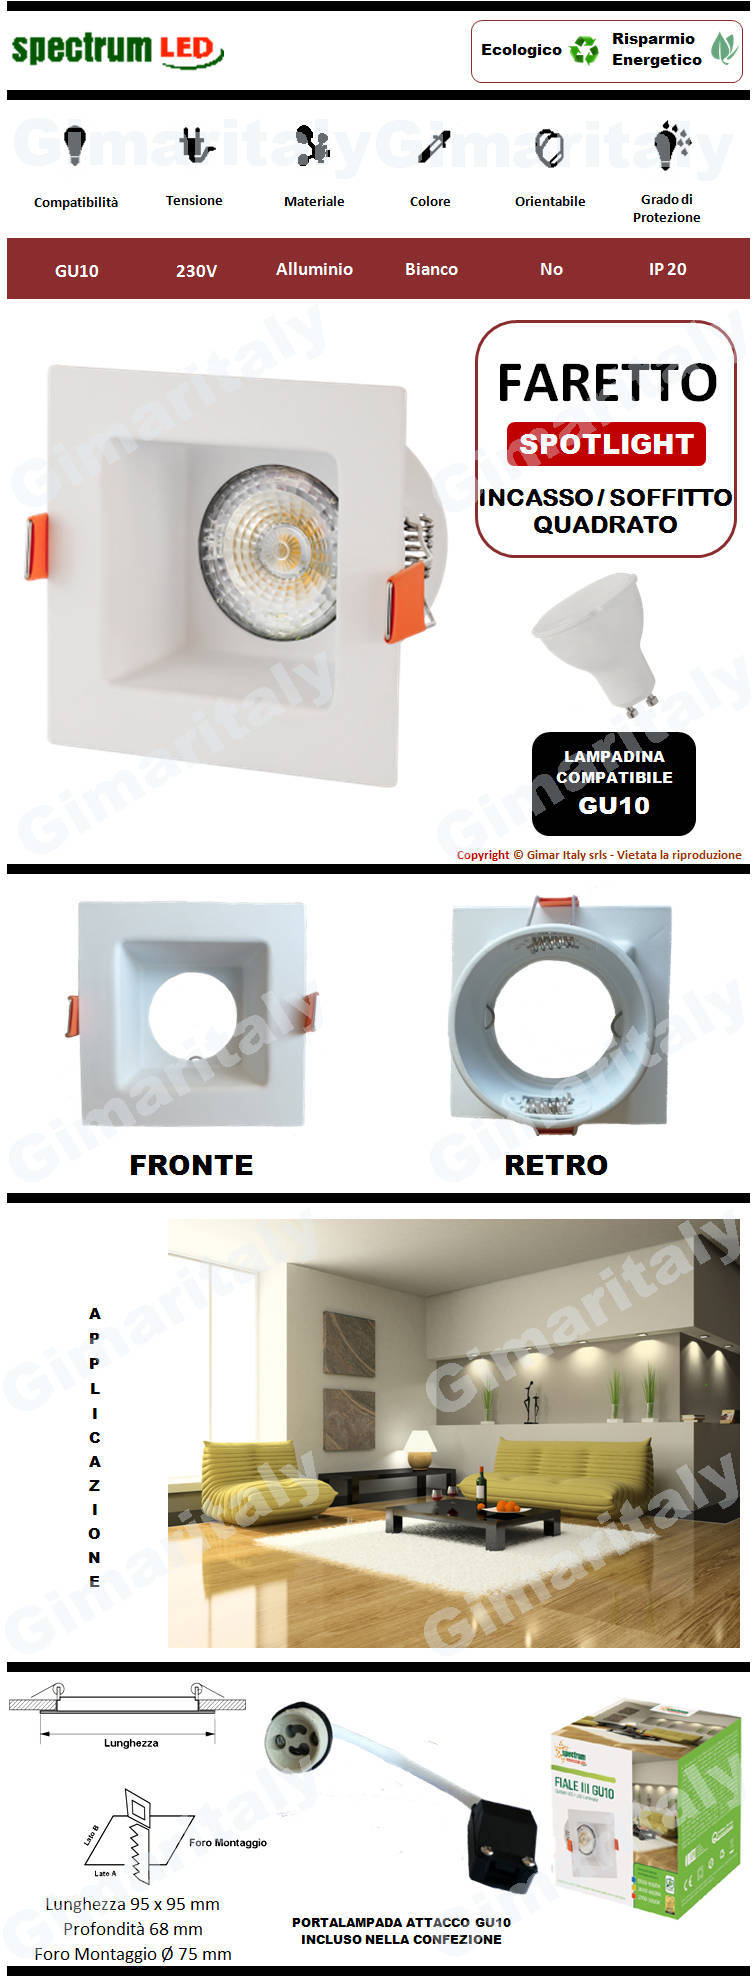 Portafaretto Quadrato Bianco da incasso per lampadina GU10 Spectrum